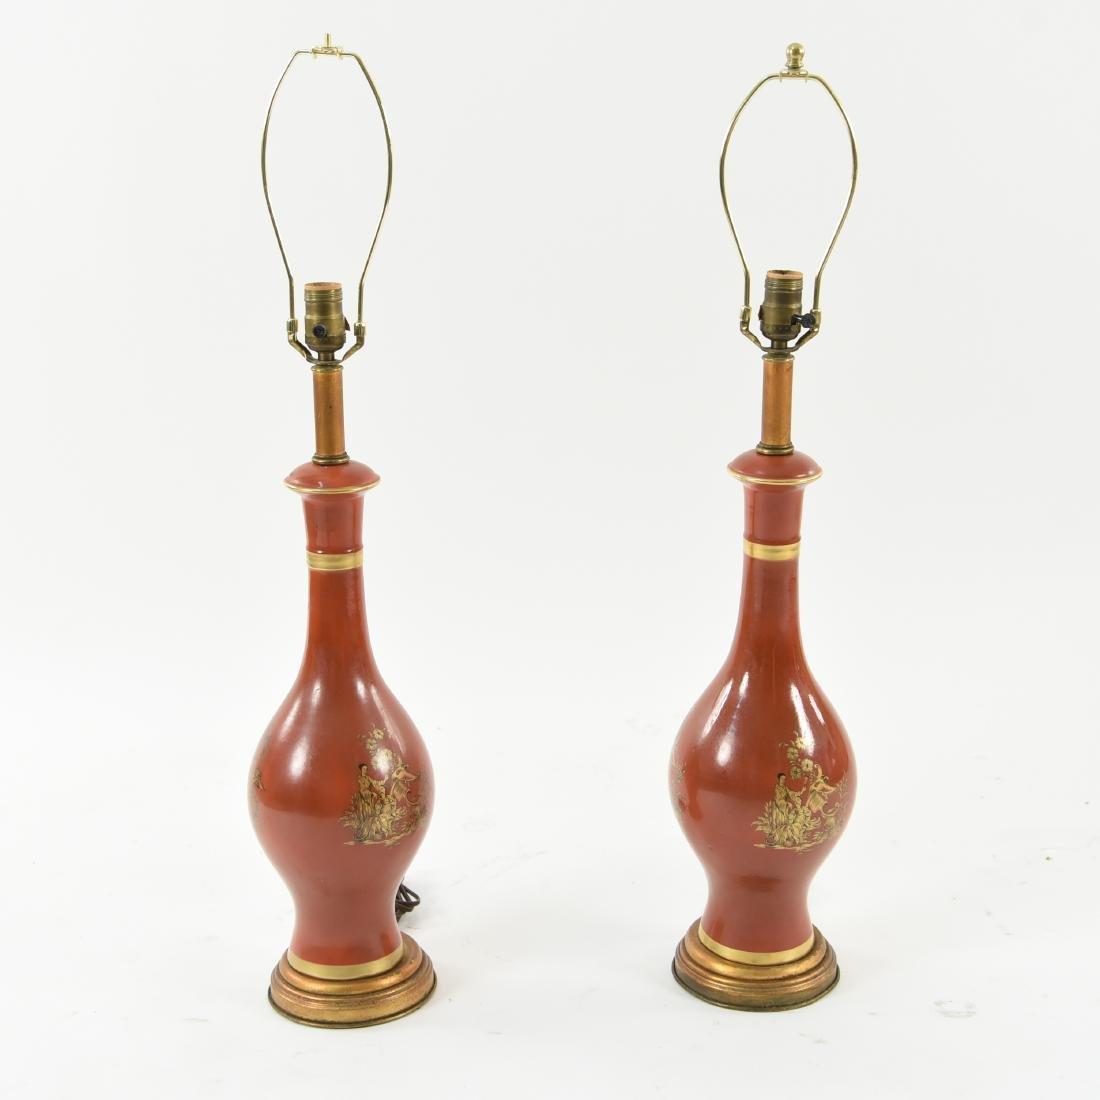 PAIR OF ASIAN PORCELAIN LAMPS